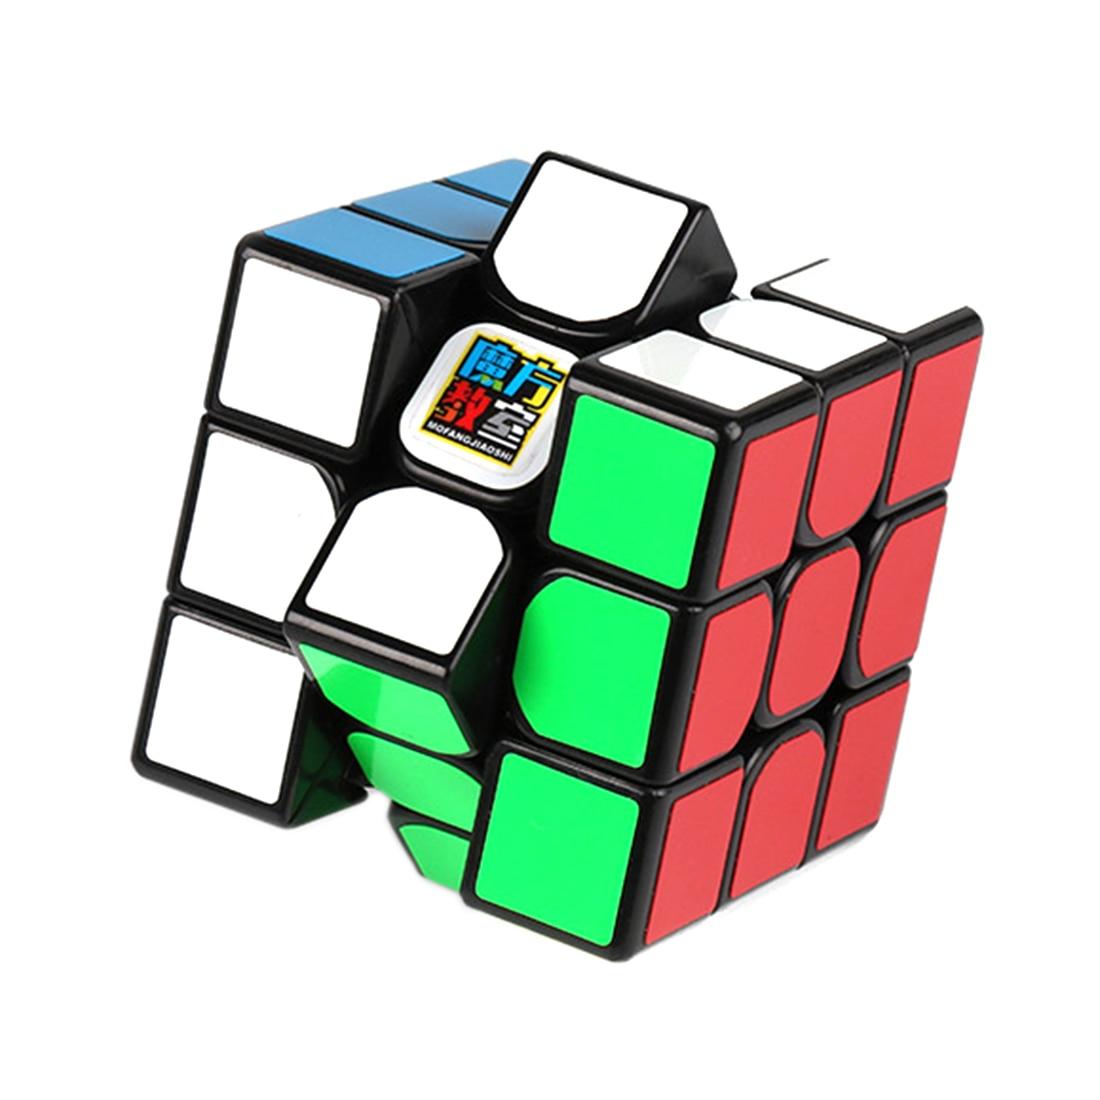 Nouveau Arrivent MF9310 Cubage Classe 2-7 Étapes Magie Cube Ensemble avec cadeau Boîte D'emballage pour la Formation Du Cerveau